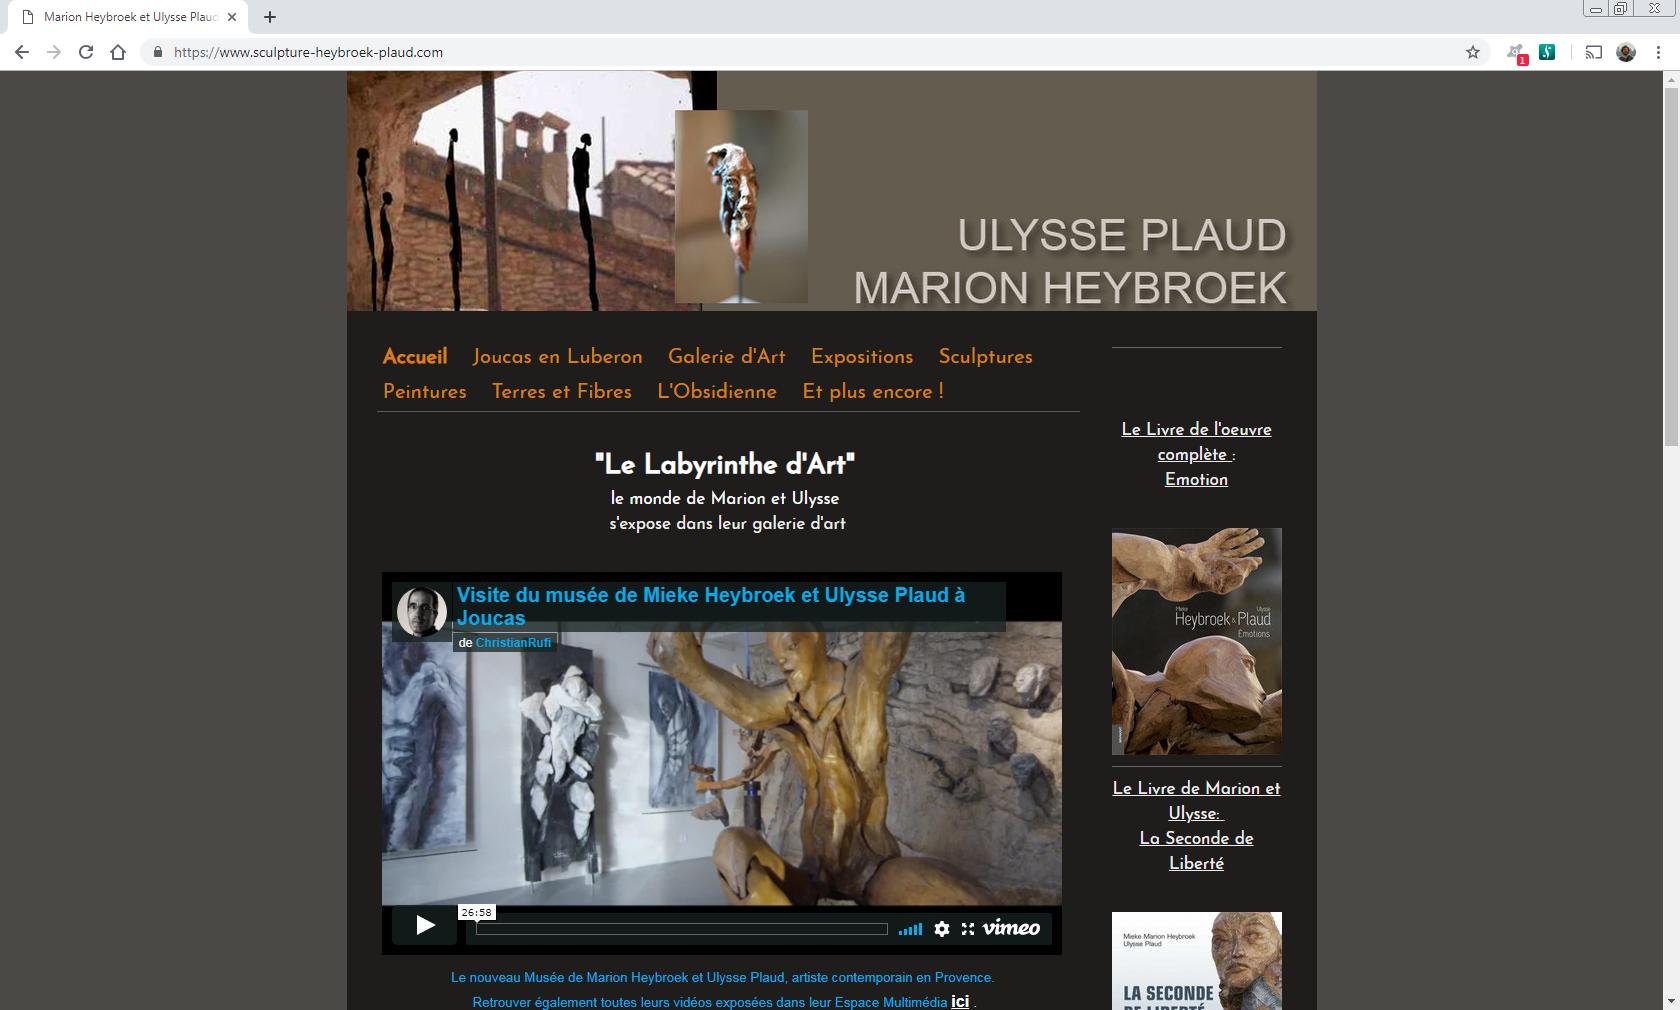 www.sculpture-heybroek-plaud.com - Joucas en Luberon Web et Informatique en luberon - Site internet et referenecment - cedric de miscault - apt à cavaillon